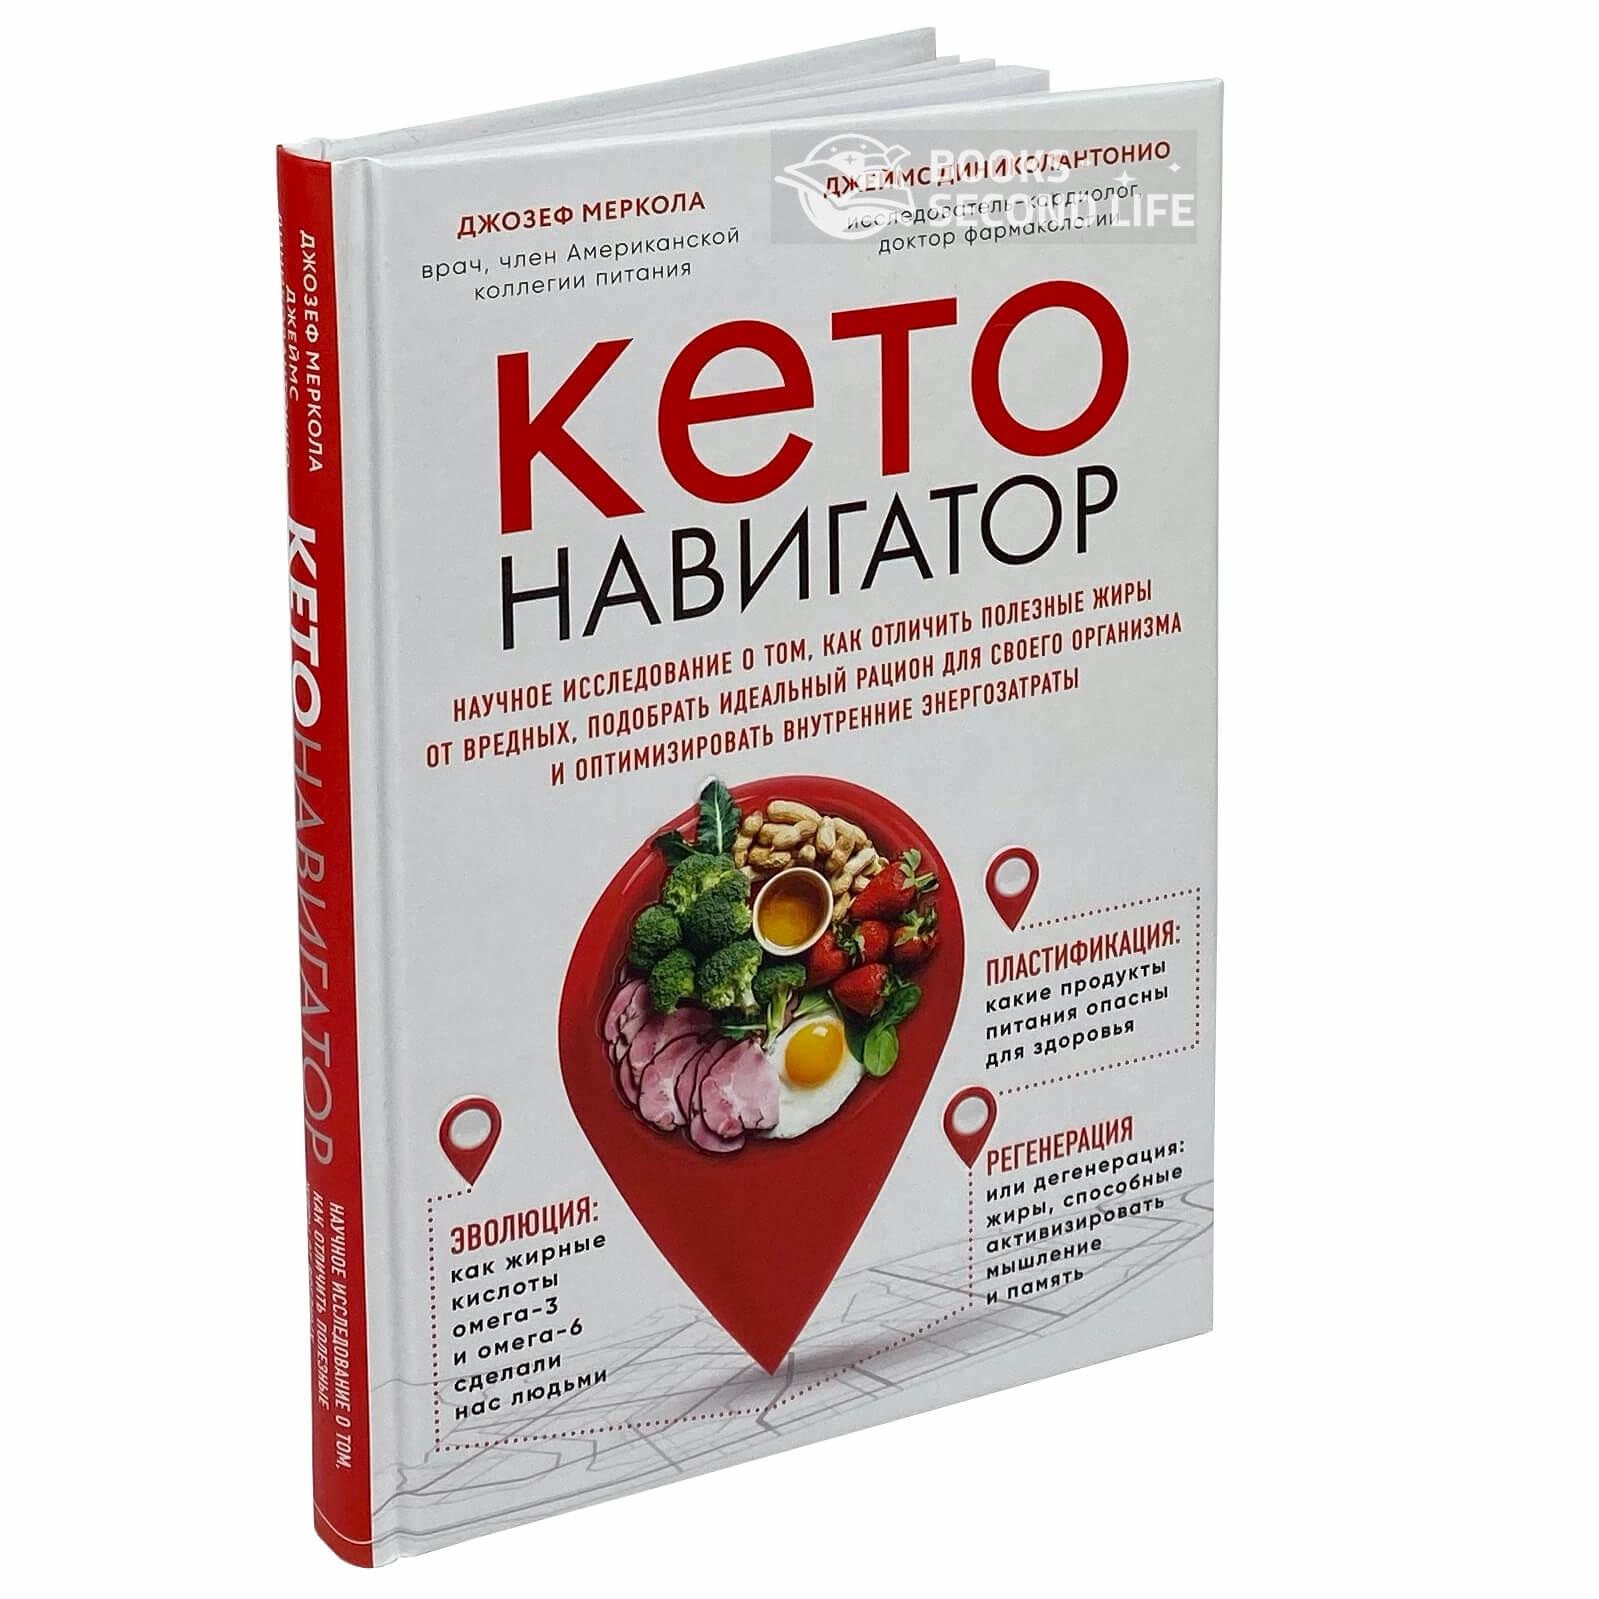 Кето-навигатор. Научное исследование о том, как отличить полезные жиры от вредных, подобрать идеальный рацион для своего организма и оптимизировать внутренние энергозатраты. Автор — Джозеф Меркола, Джеймс Диниколантонио.